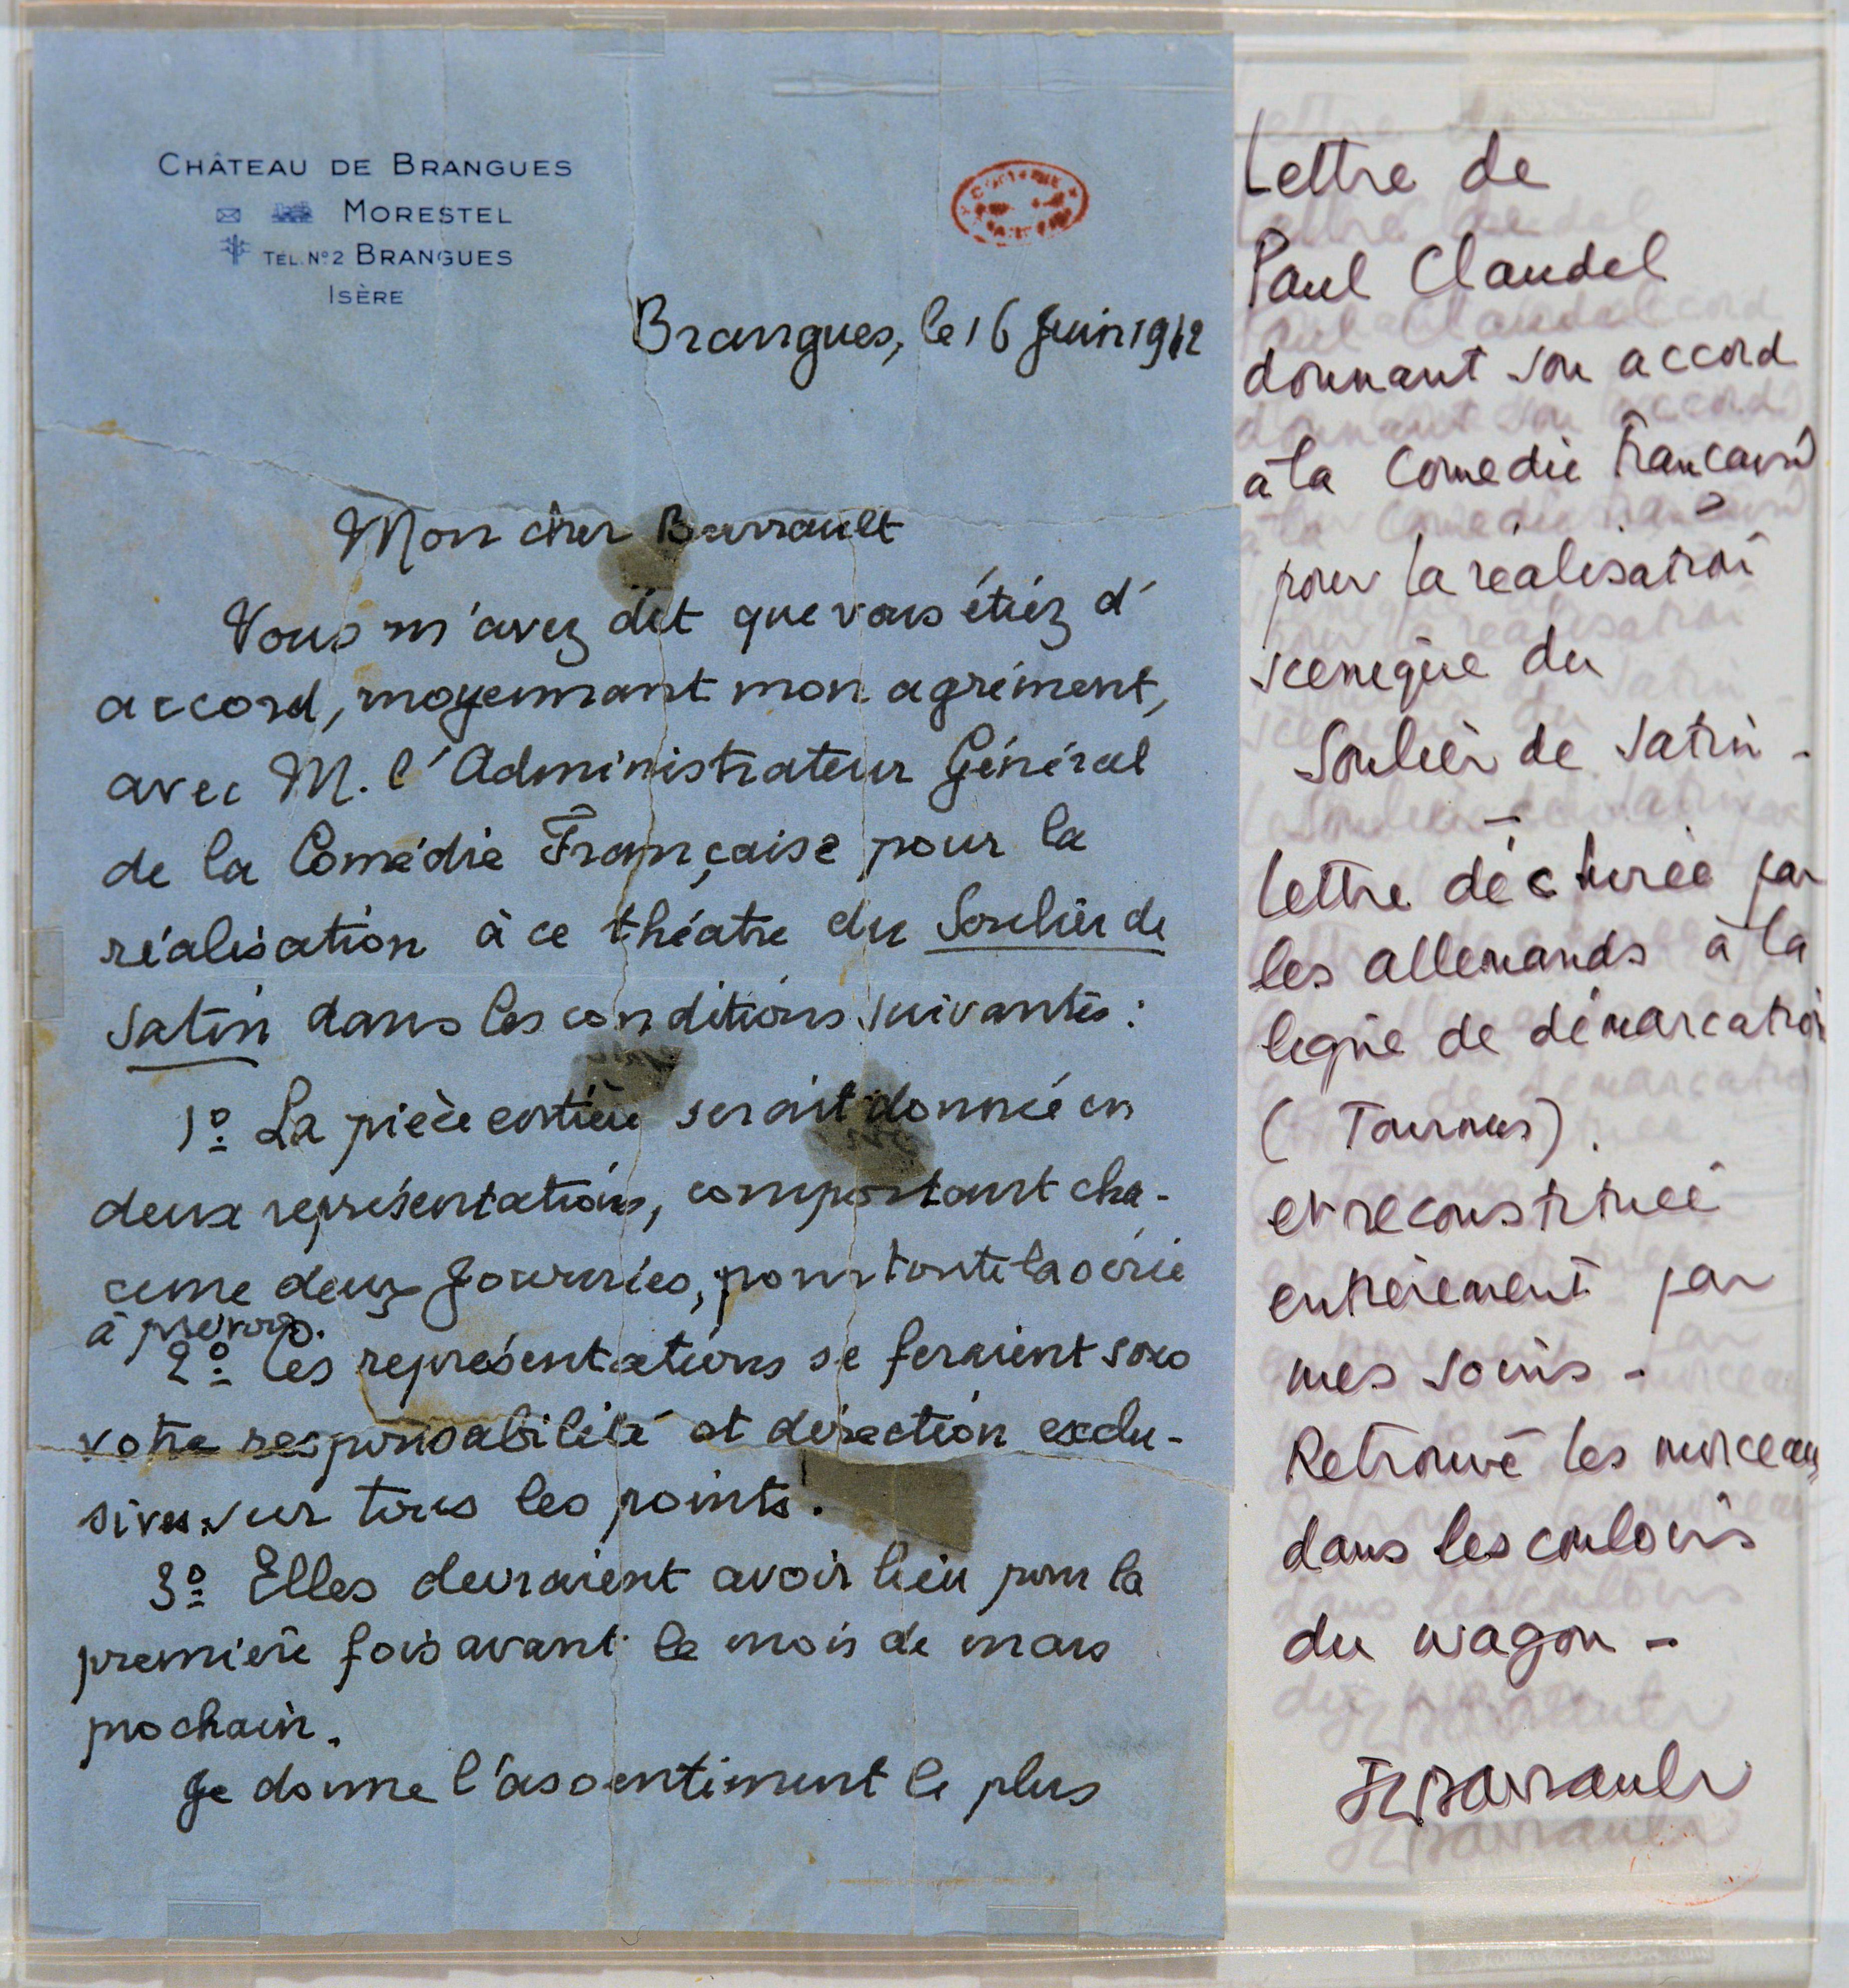 lettre-de-claudel-a-barrault-pour-le-soulier-1942-photo.-lorette-002-